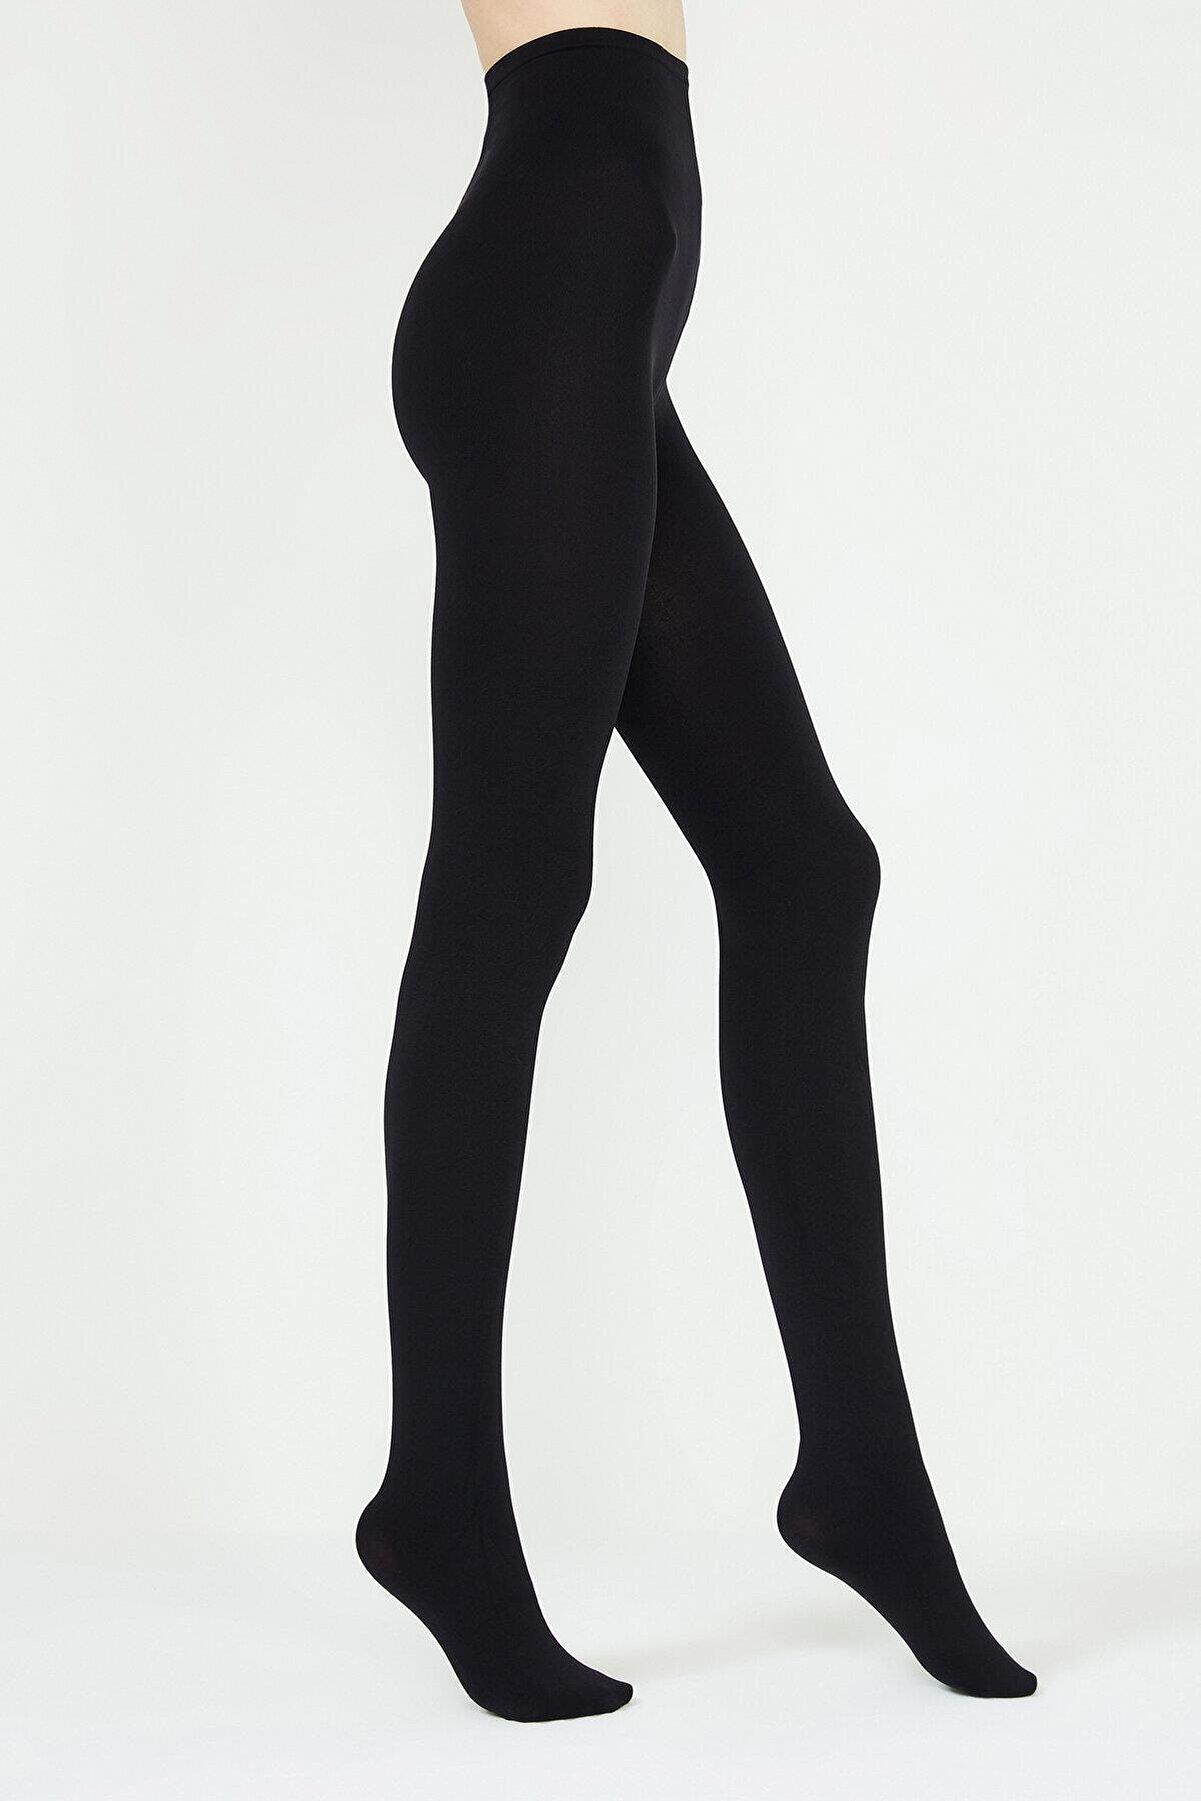 Penti Kadın Siyah Mikro 200 Külotlu Çorap